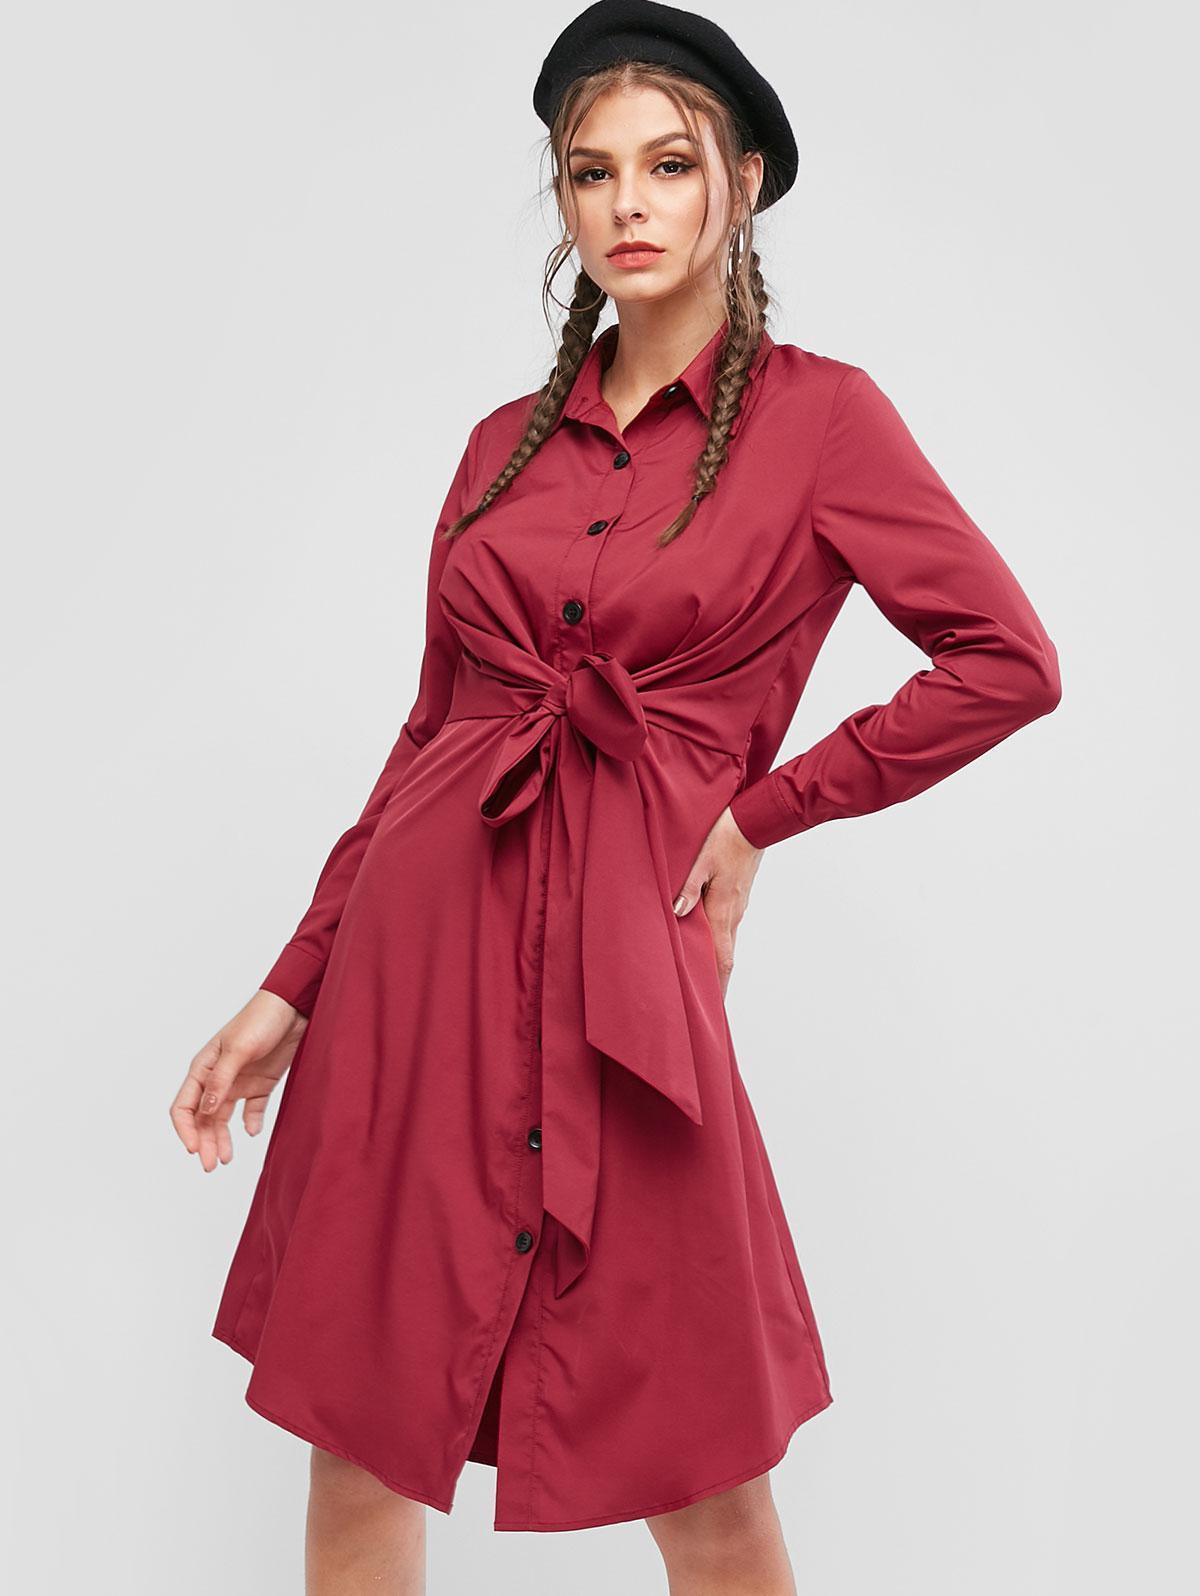 ZAFUL Button Up Tie Waist Long Sleeve Shirt Dress thumbnail